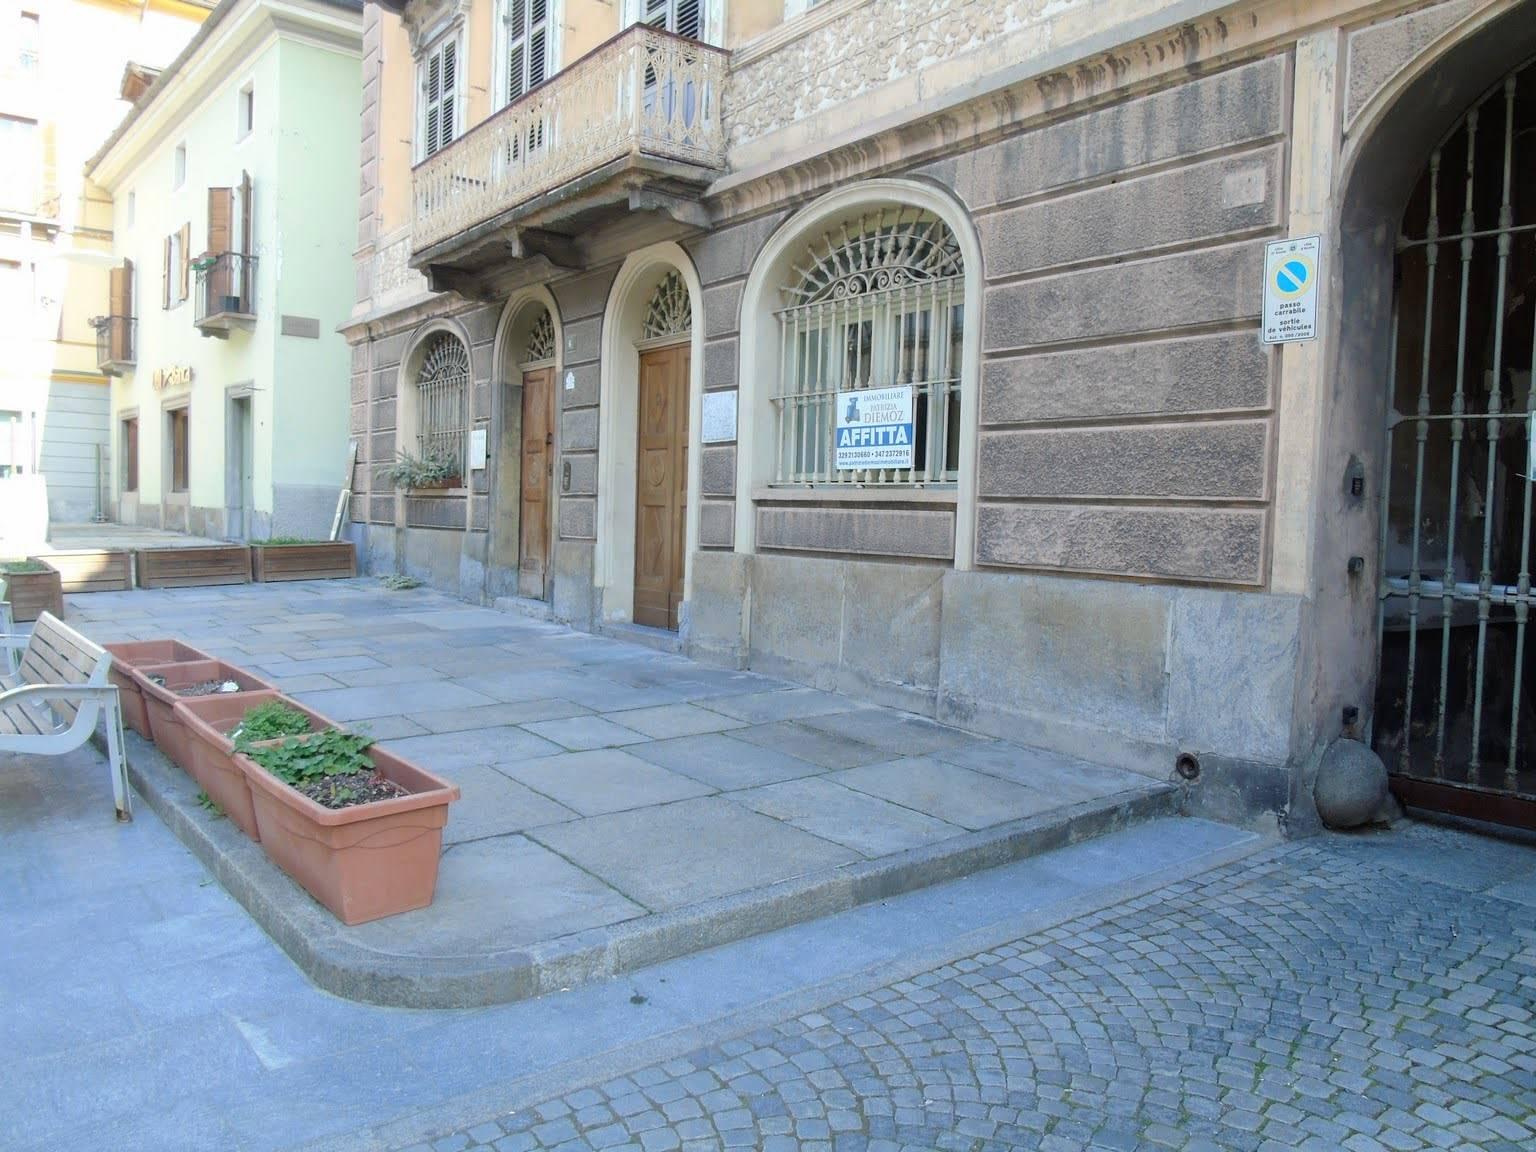 Immobile Commerciale in affitto a Aosta, 2 locali, zona ro, prezzo € 850 | PortaleAgenzieImmobiliari.it